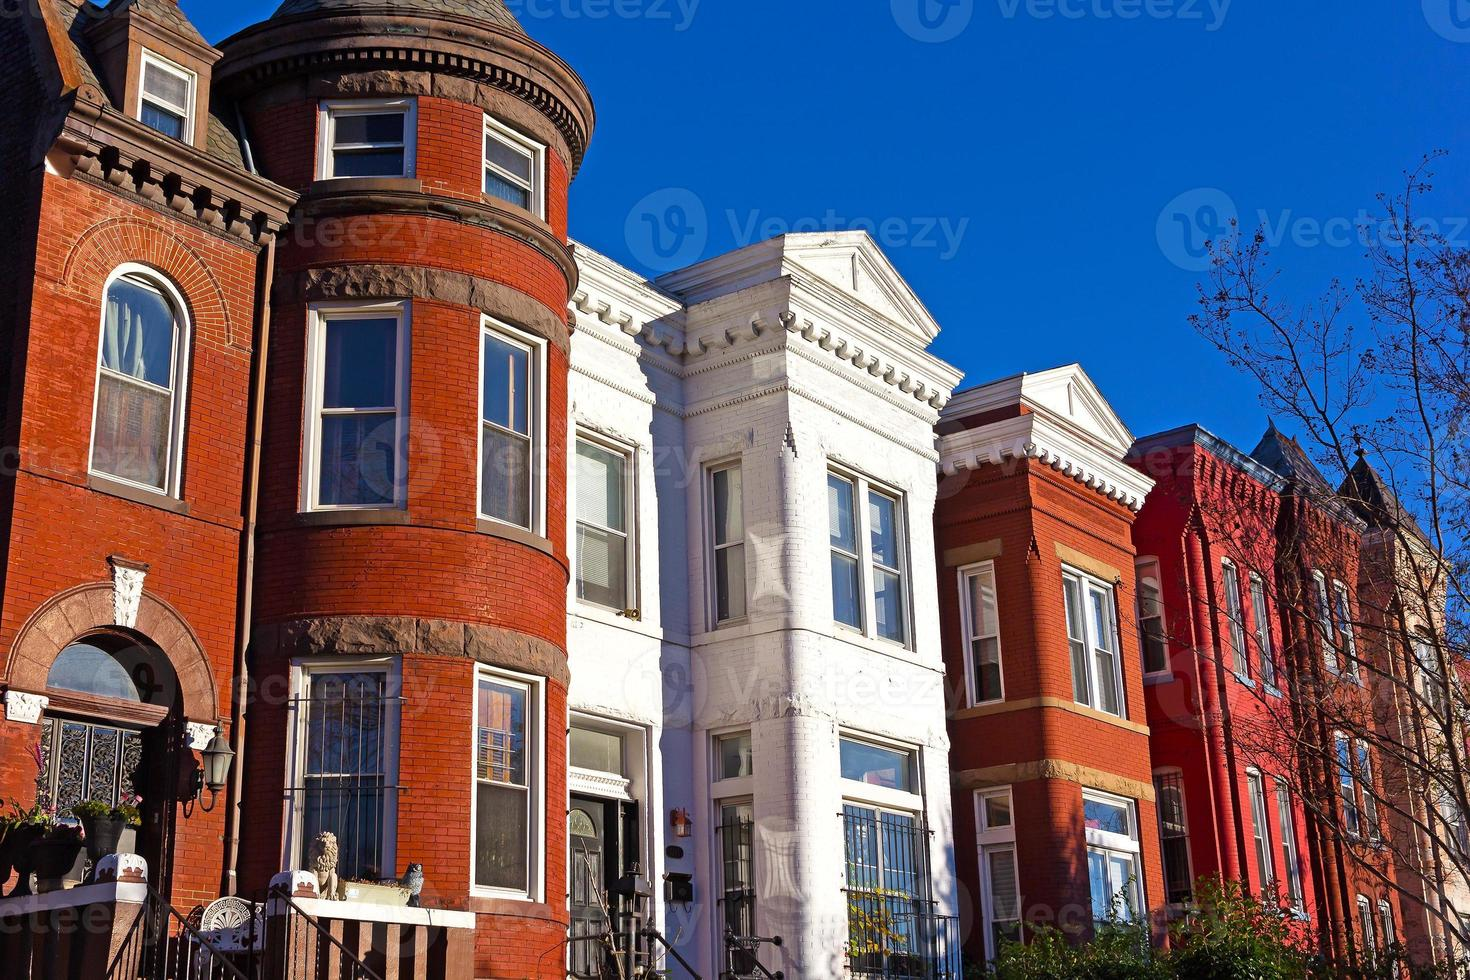 arquitetura urbana histórica em mount vernon suburb of washington dc. foto